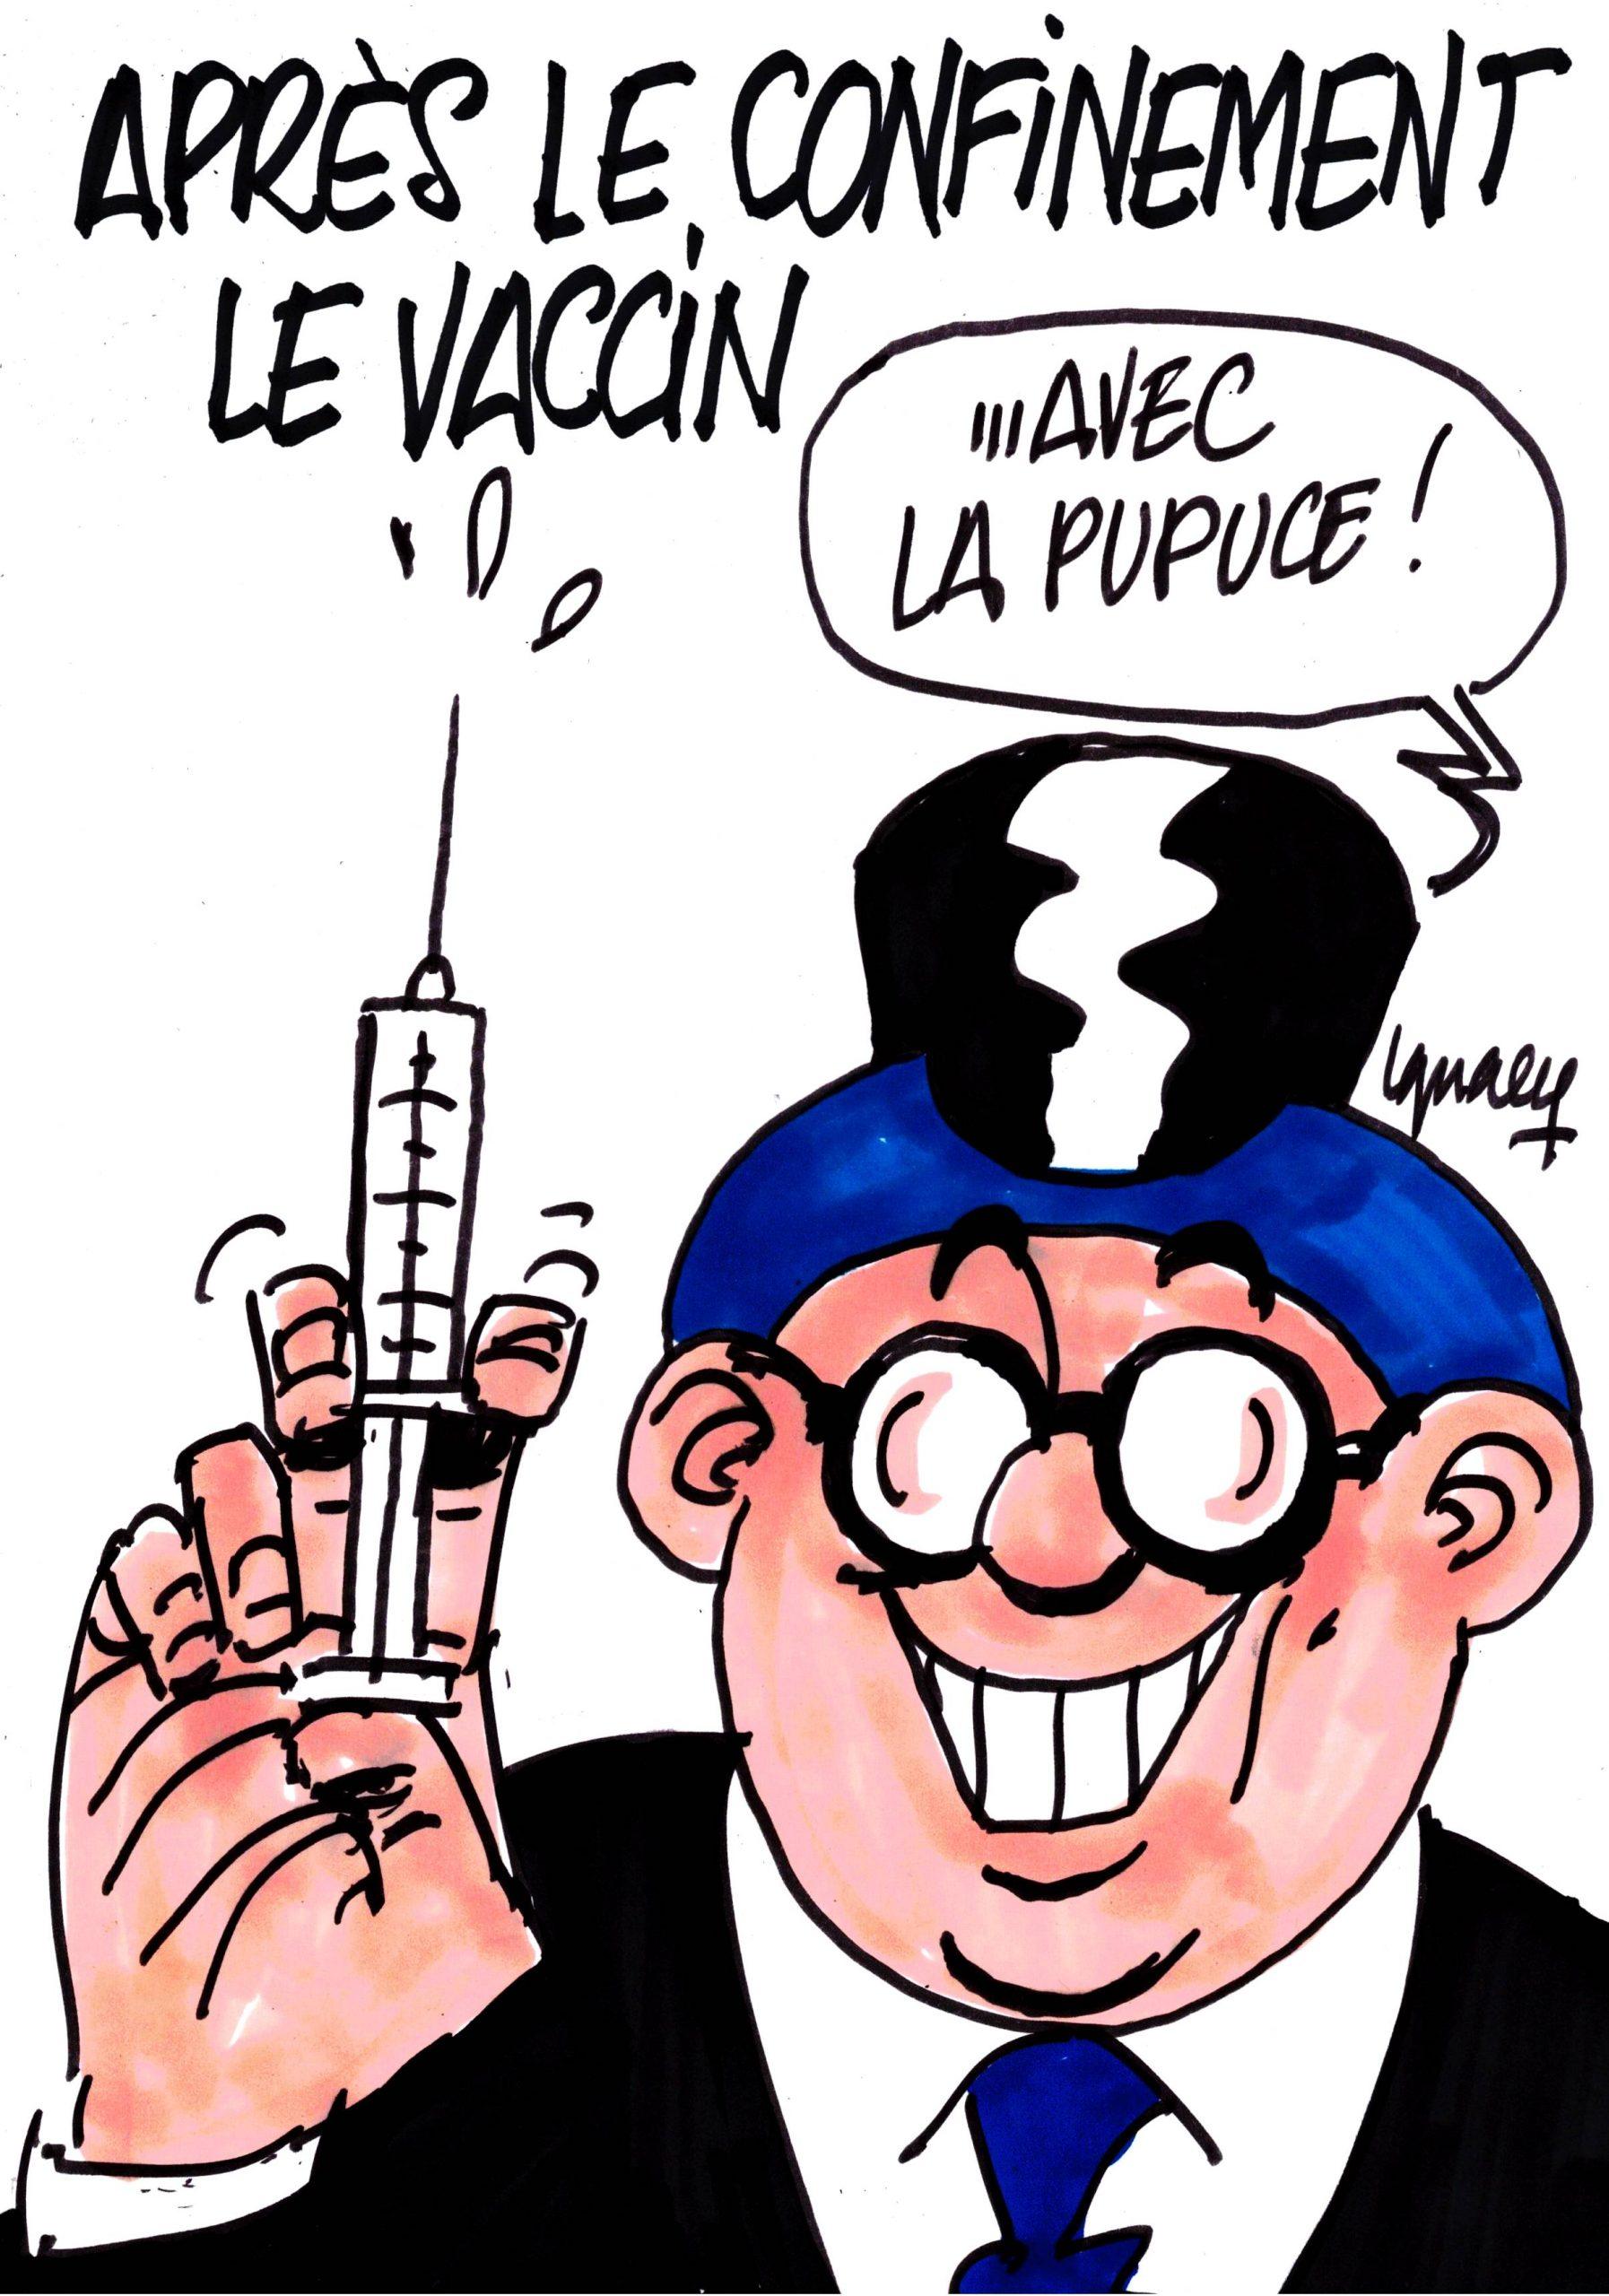 Ignace - Après le confinement, le vaccin